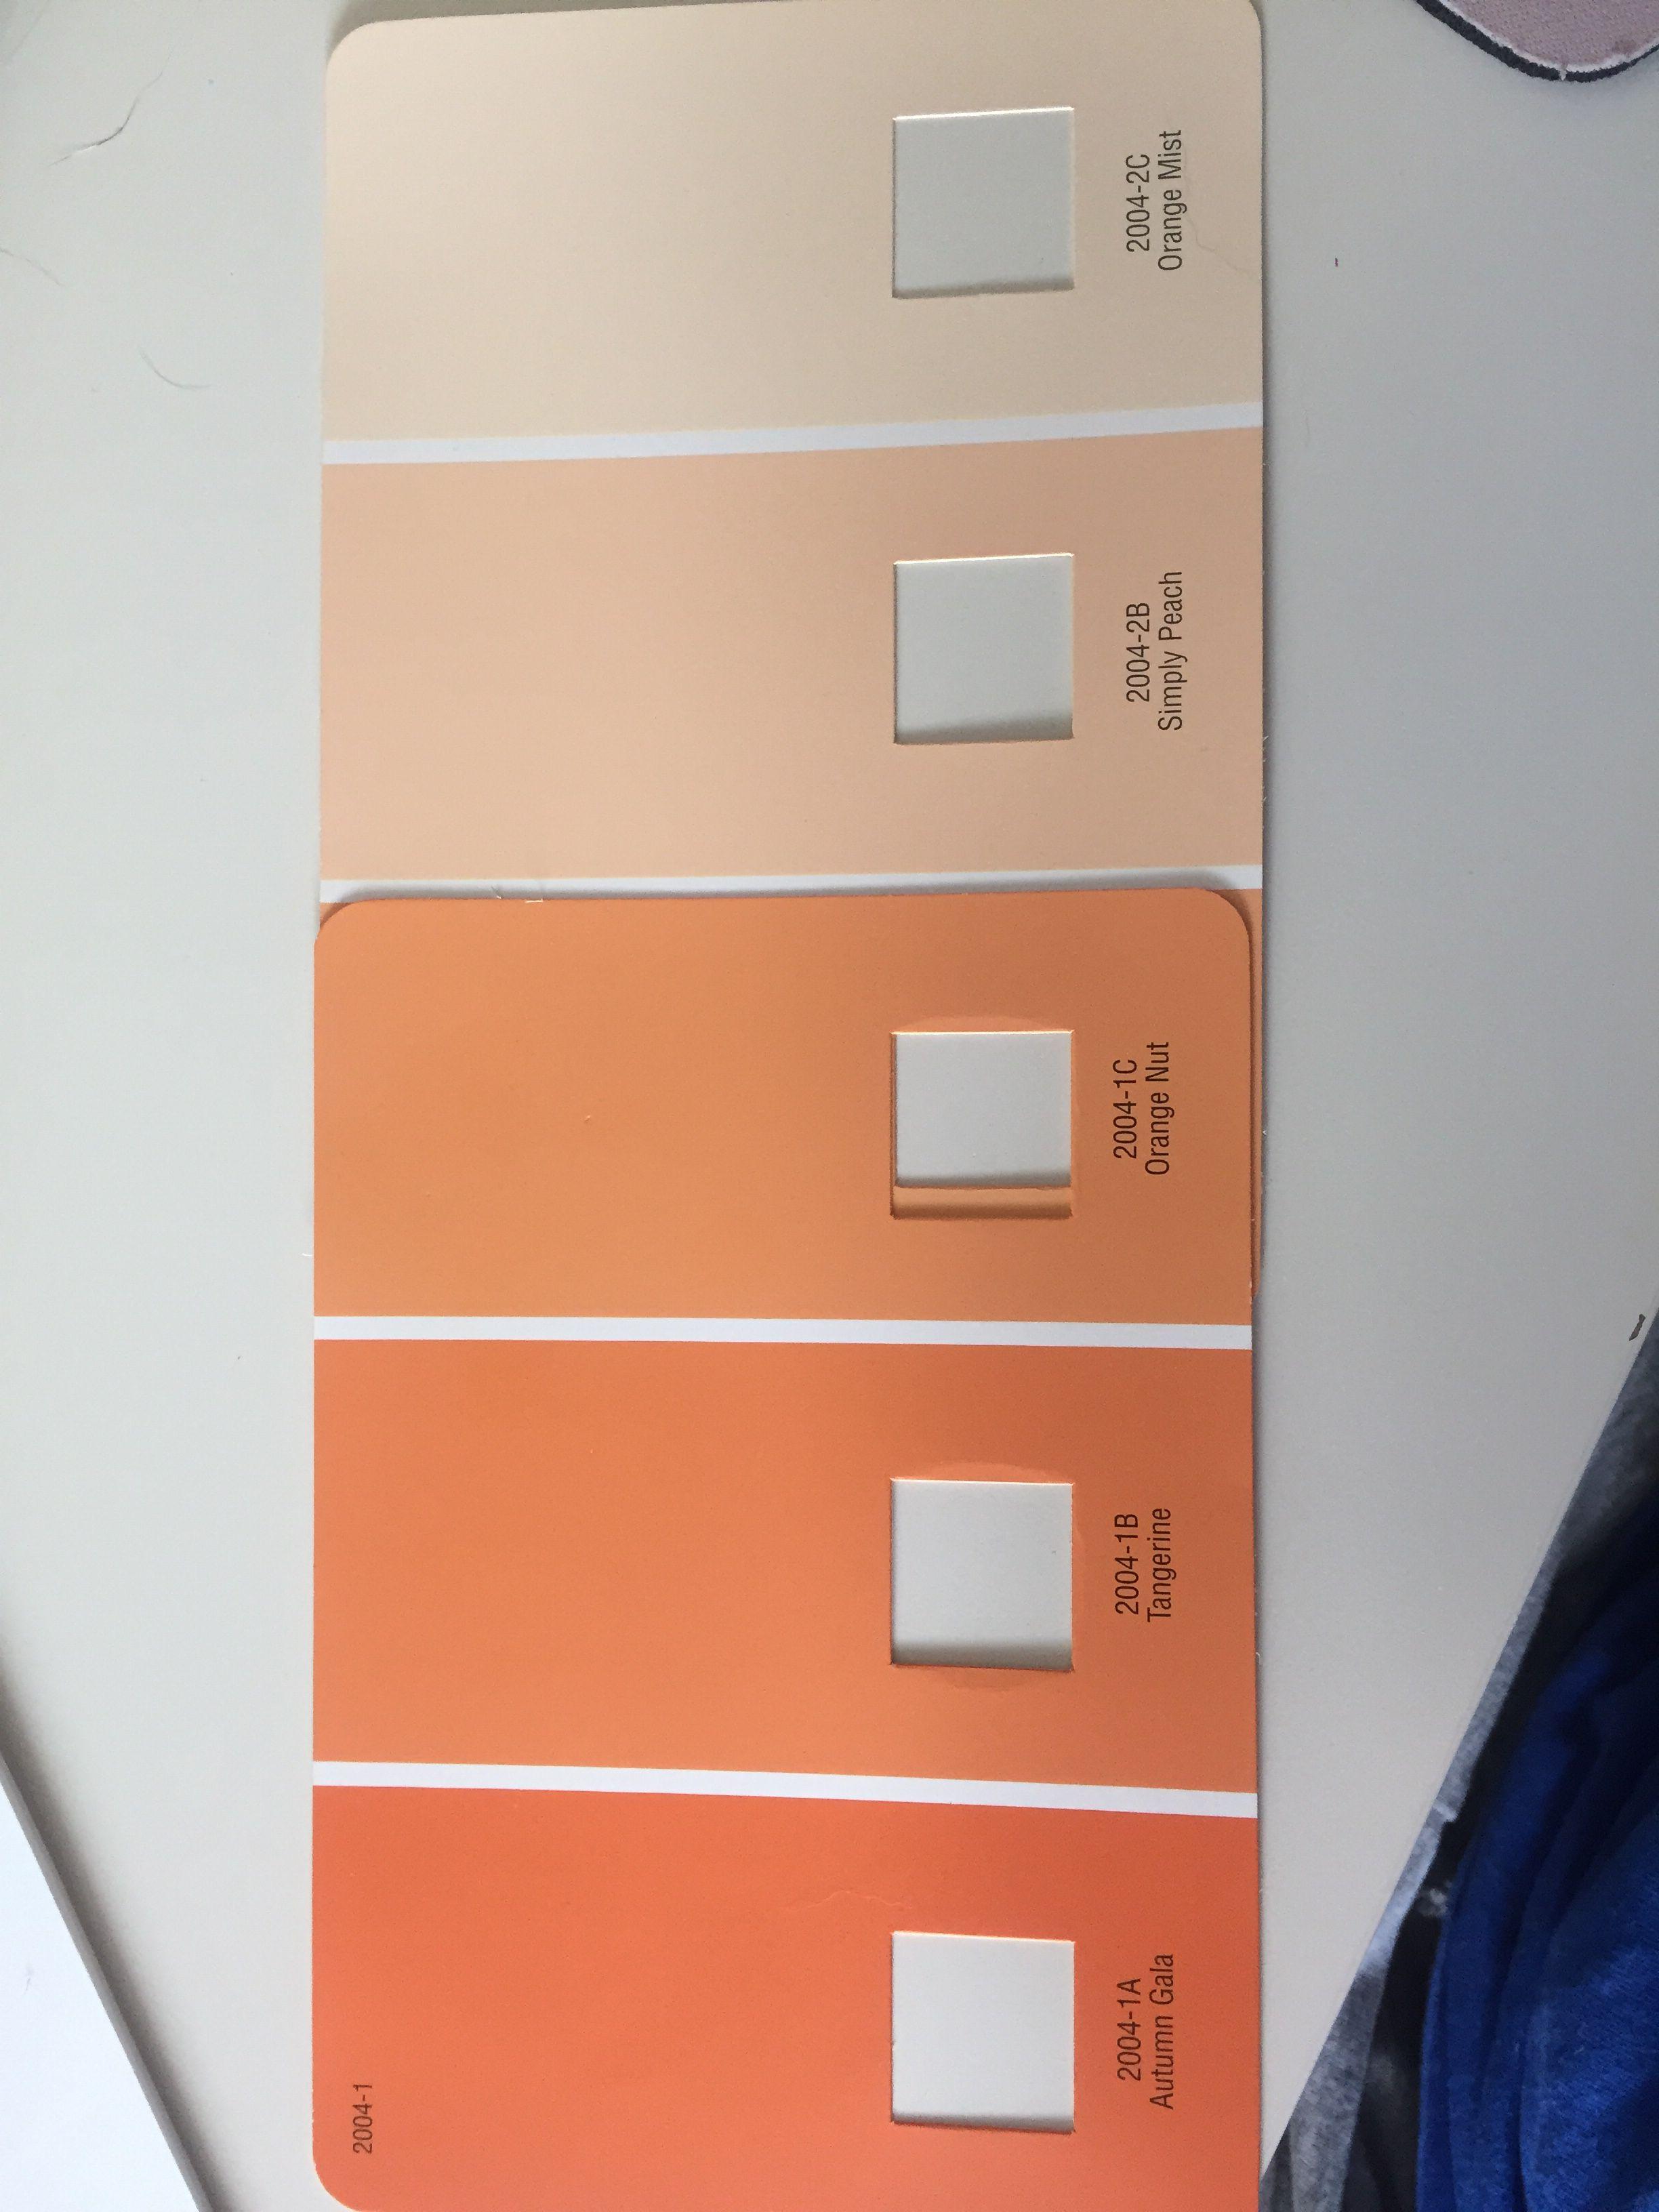 Ombré Orange Wall Colors Valspar Paint Mist Simply Peach But Tangerine Autumn Gala